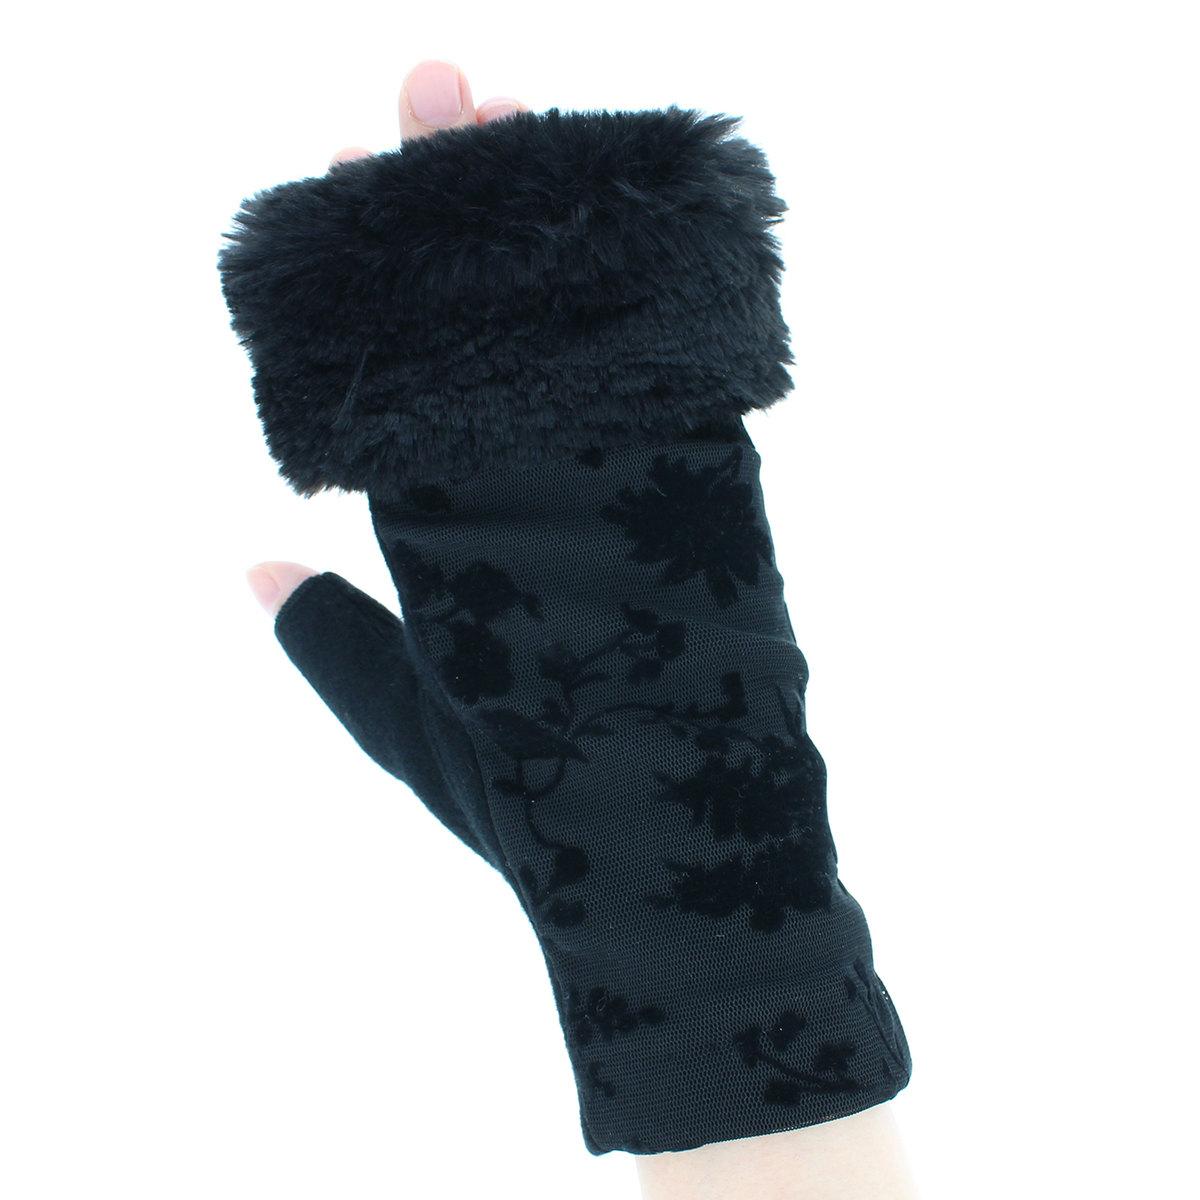 ローラアシュレイ 人気ブランド レディース ジャージ手袋 ファー付き 指なし パーティー手袋 ゴージャス エレガント おしゃれ 秋冬